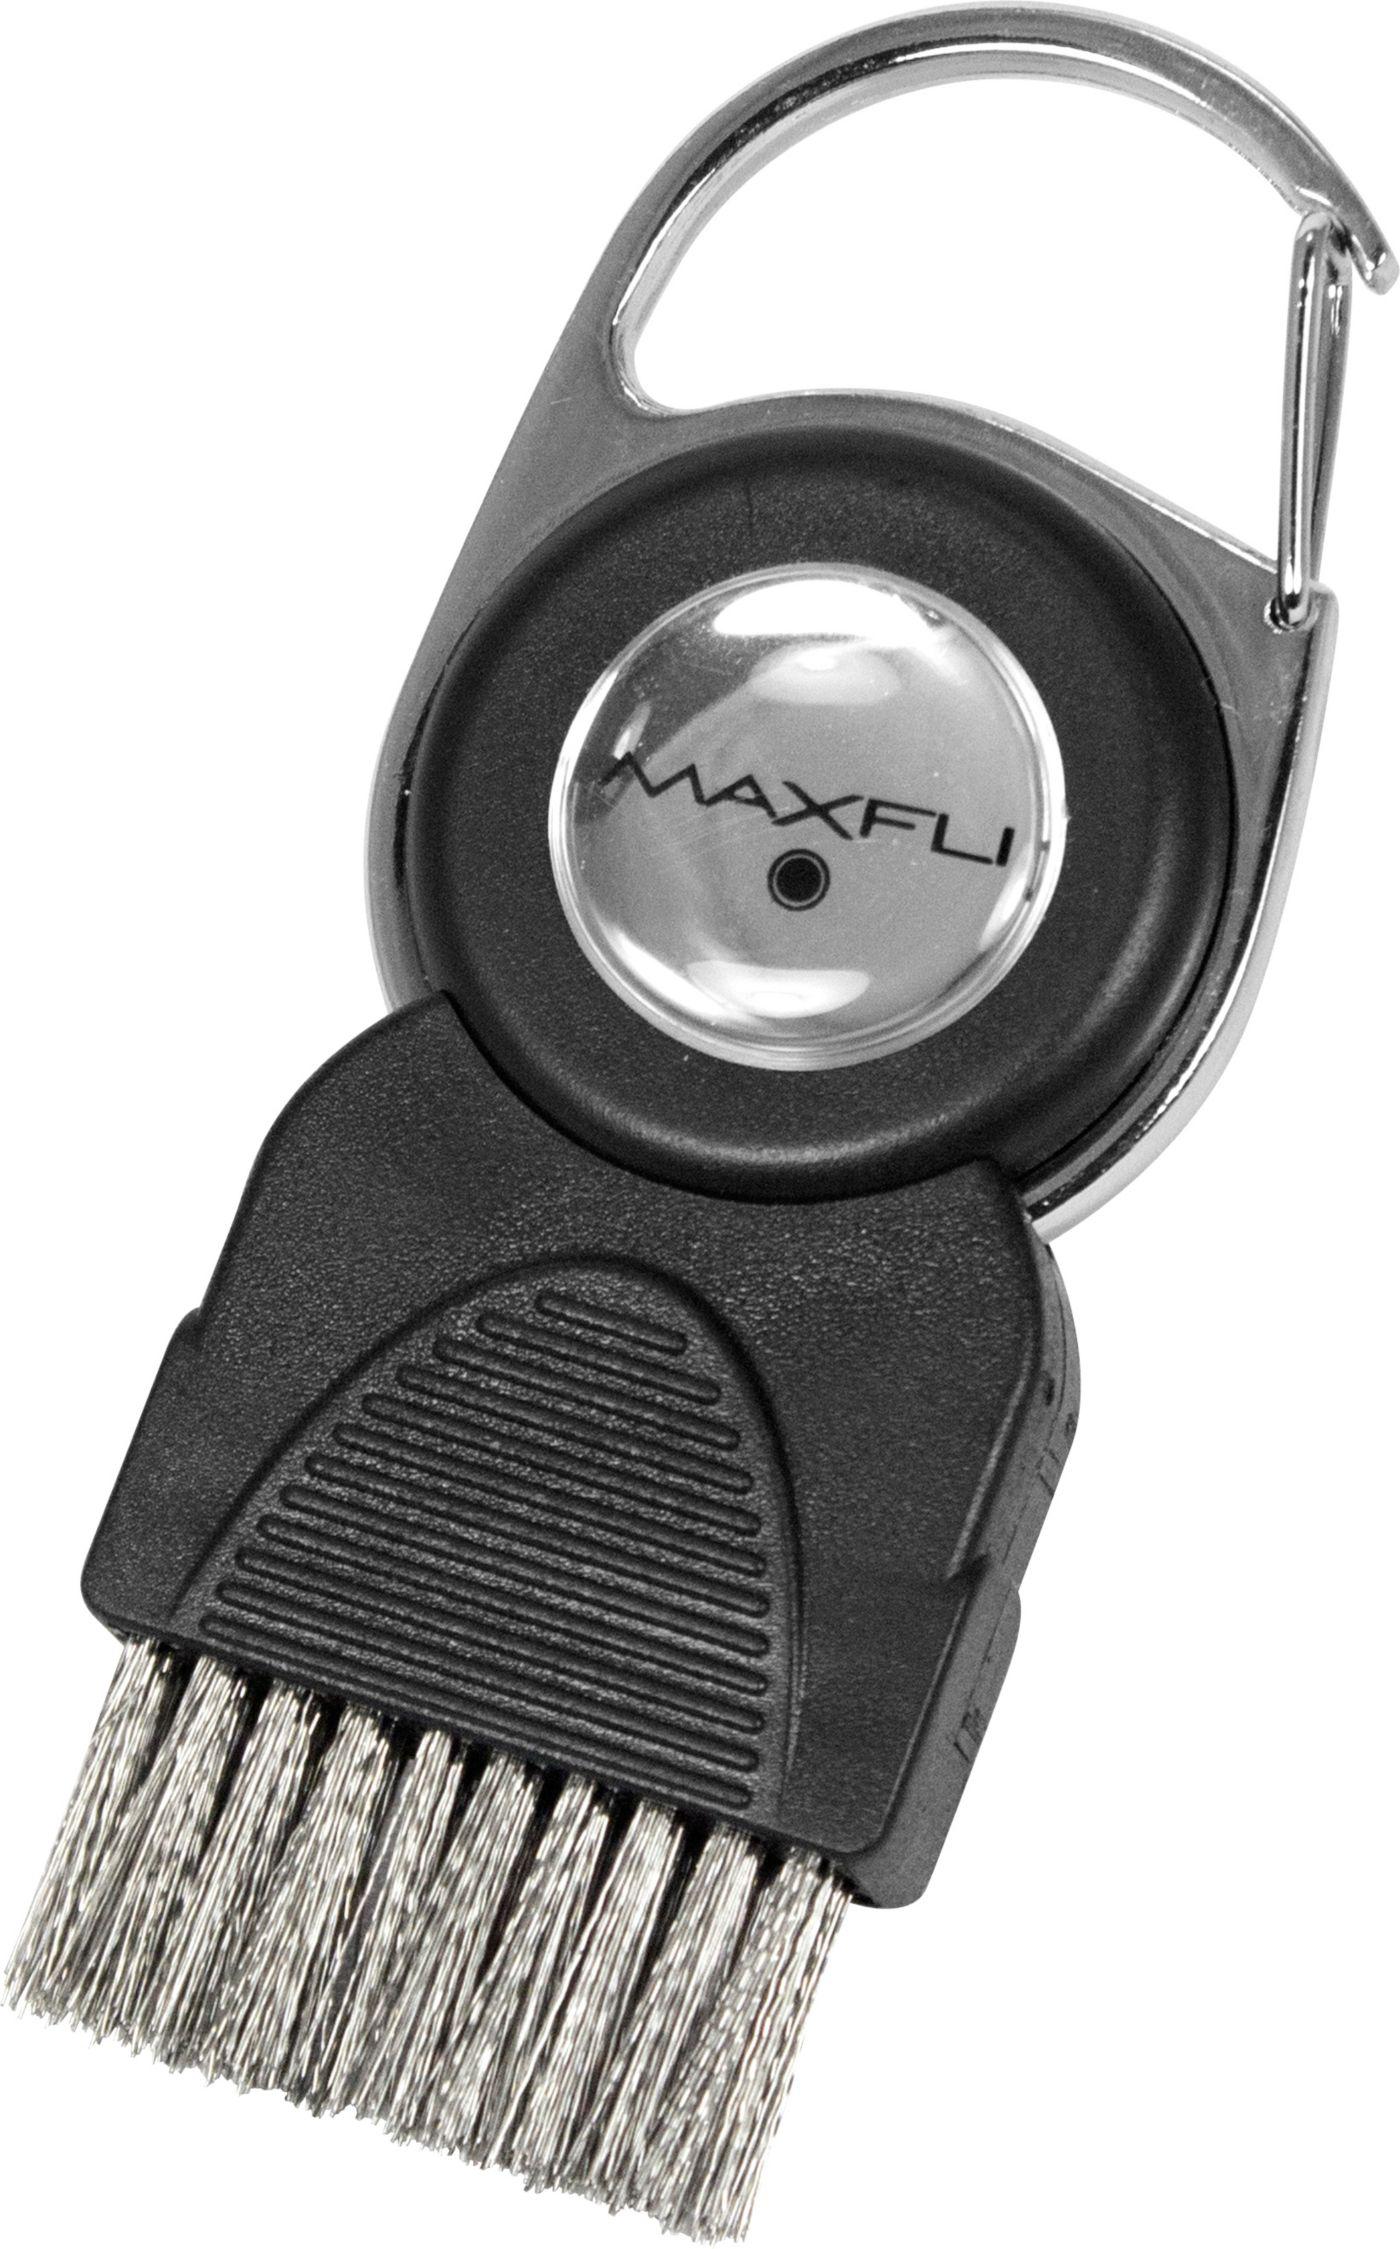 Maxfli Range Brush